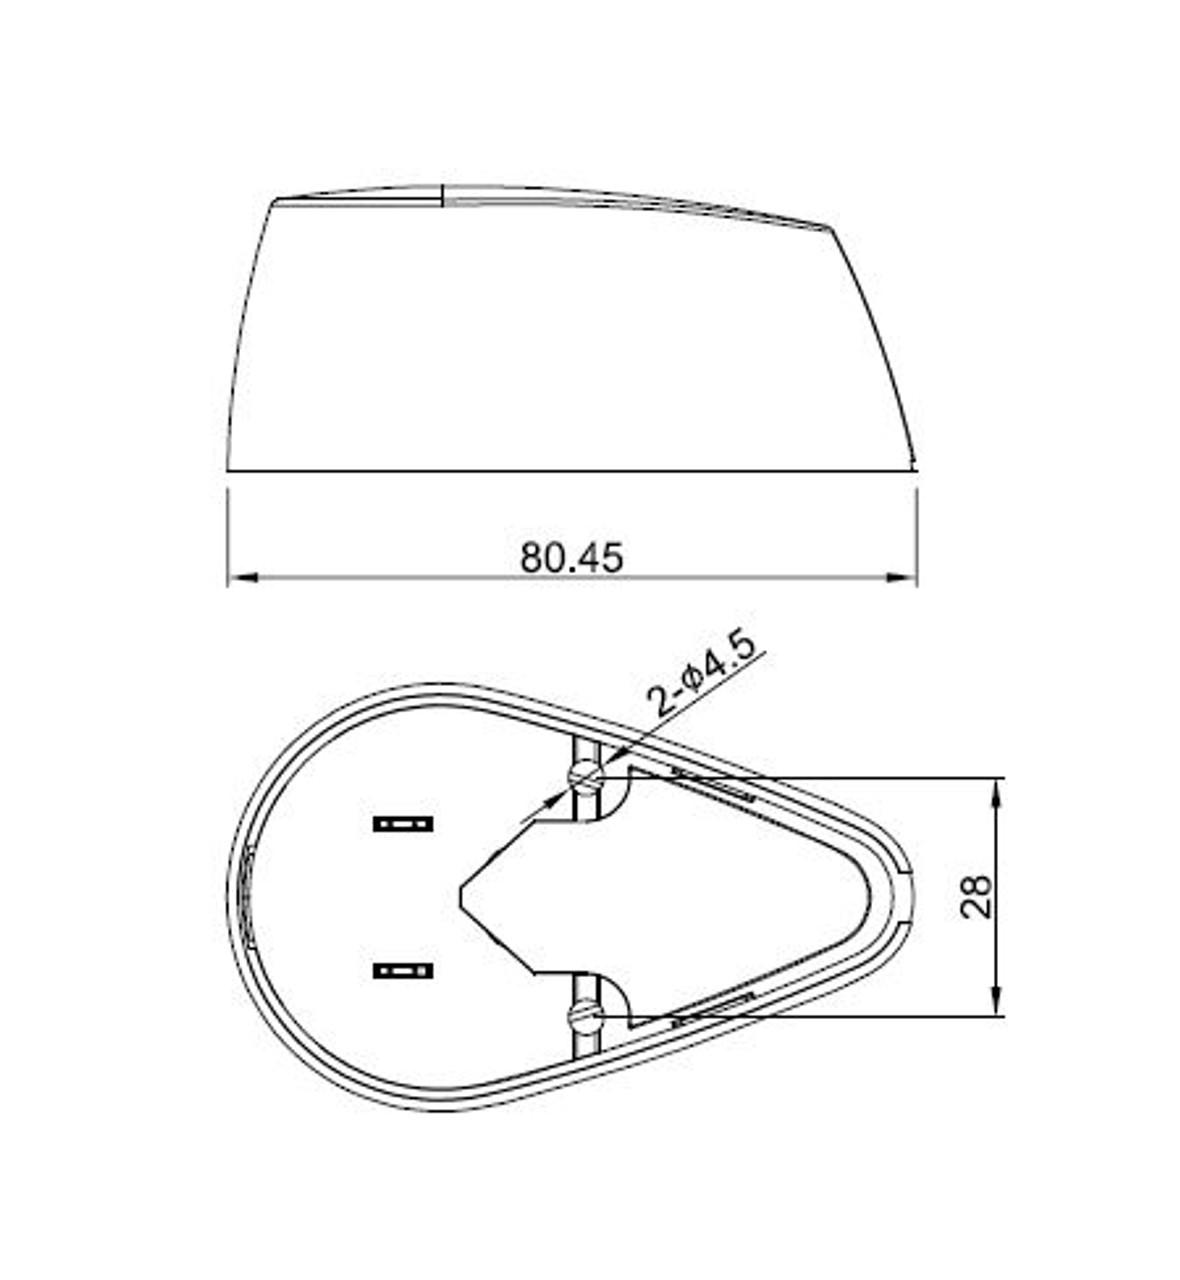 LED Navigation Side Lights (Pair) 12V/24V  - Horizontal Mount